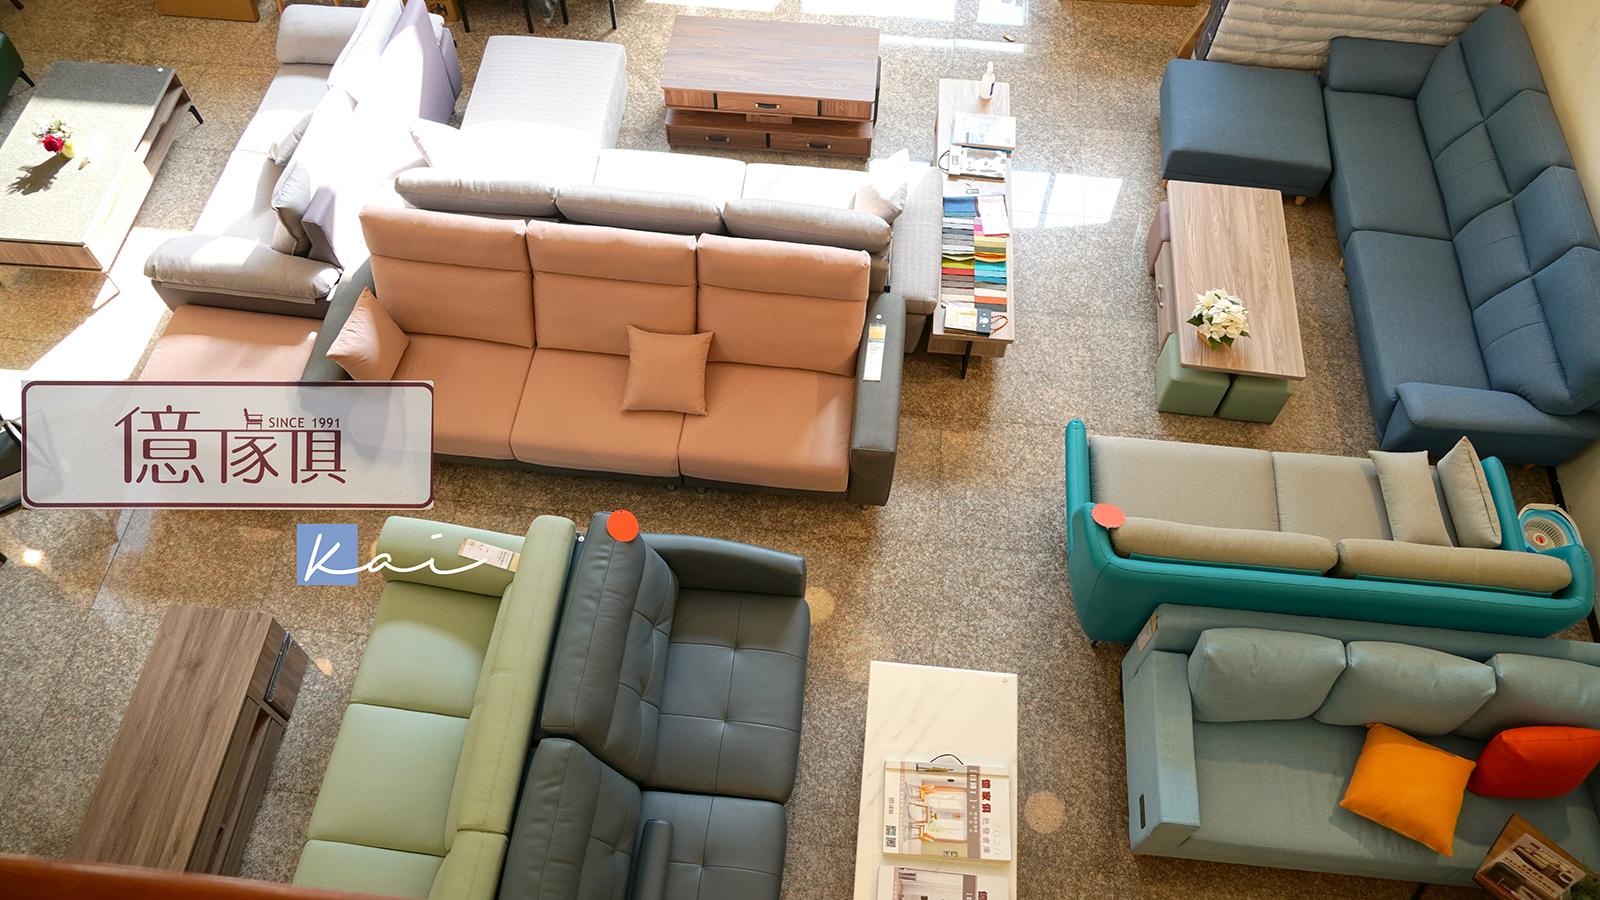 網站近期文章:☆【億家俱-桃園店】快瘋了~每個沙發都想買!桃園家具就來這裡挑